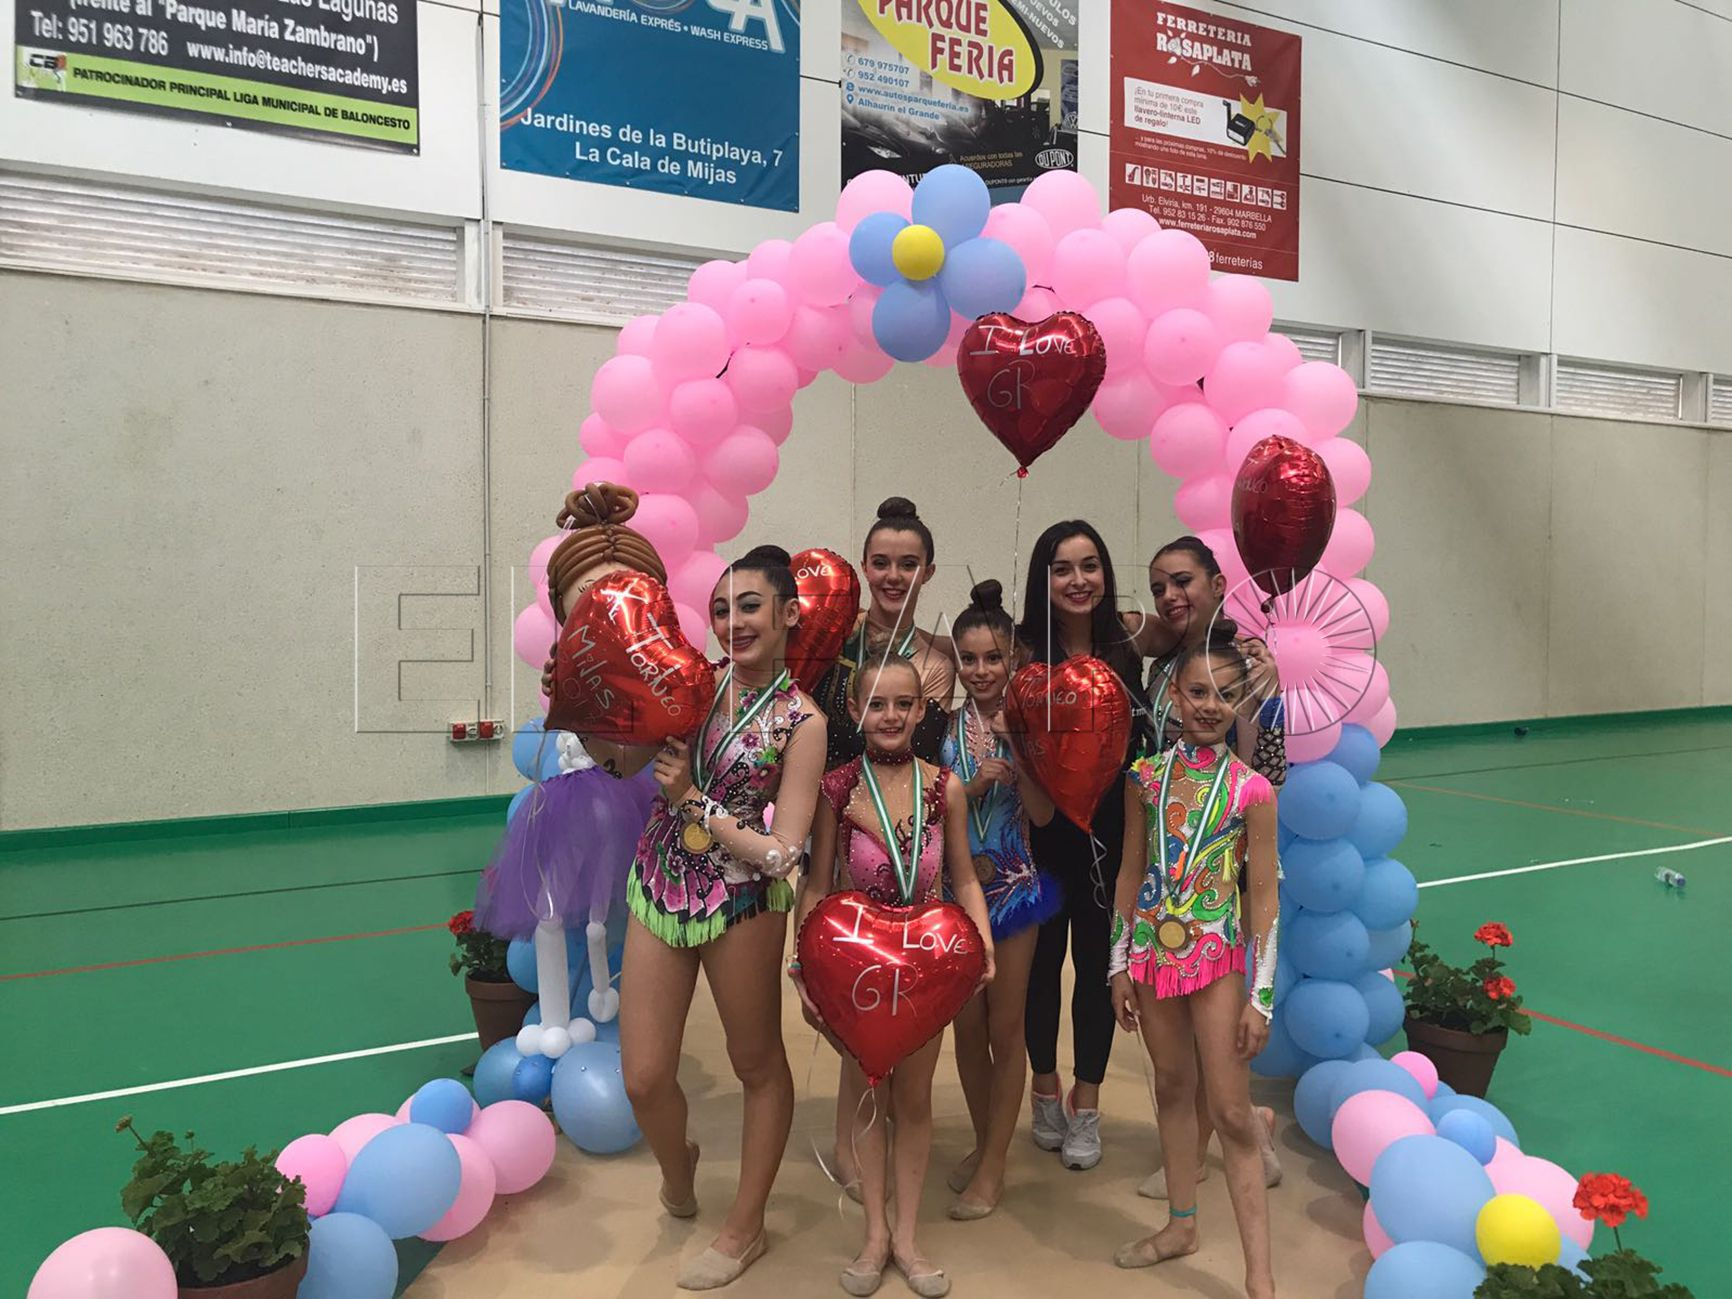 Las gimnastas se traen seis medallas de Mijas